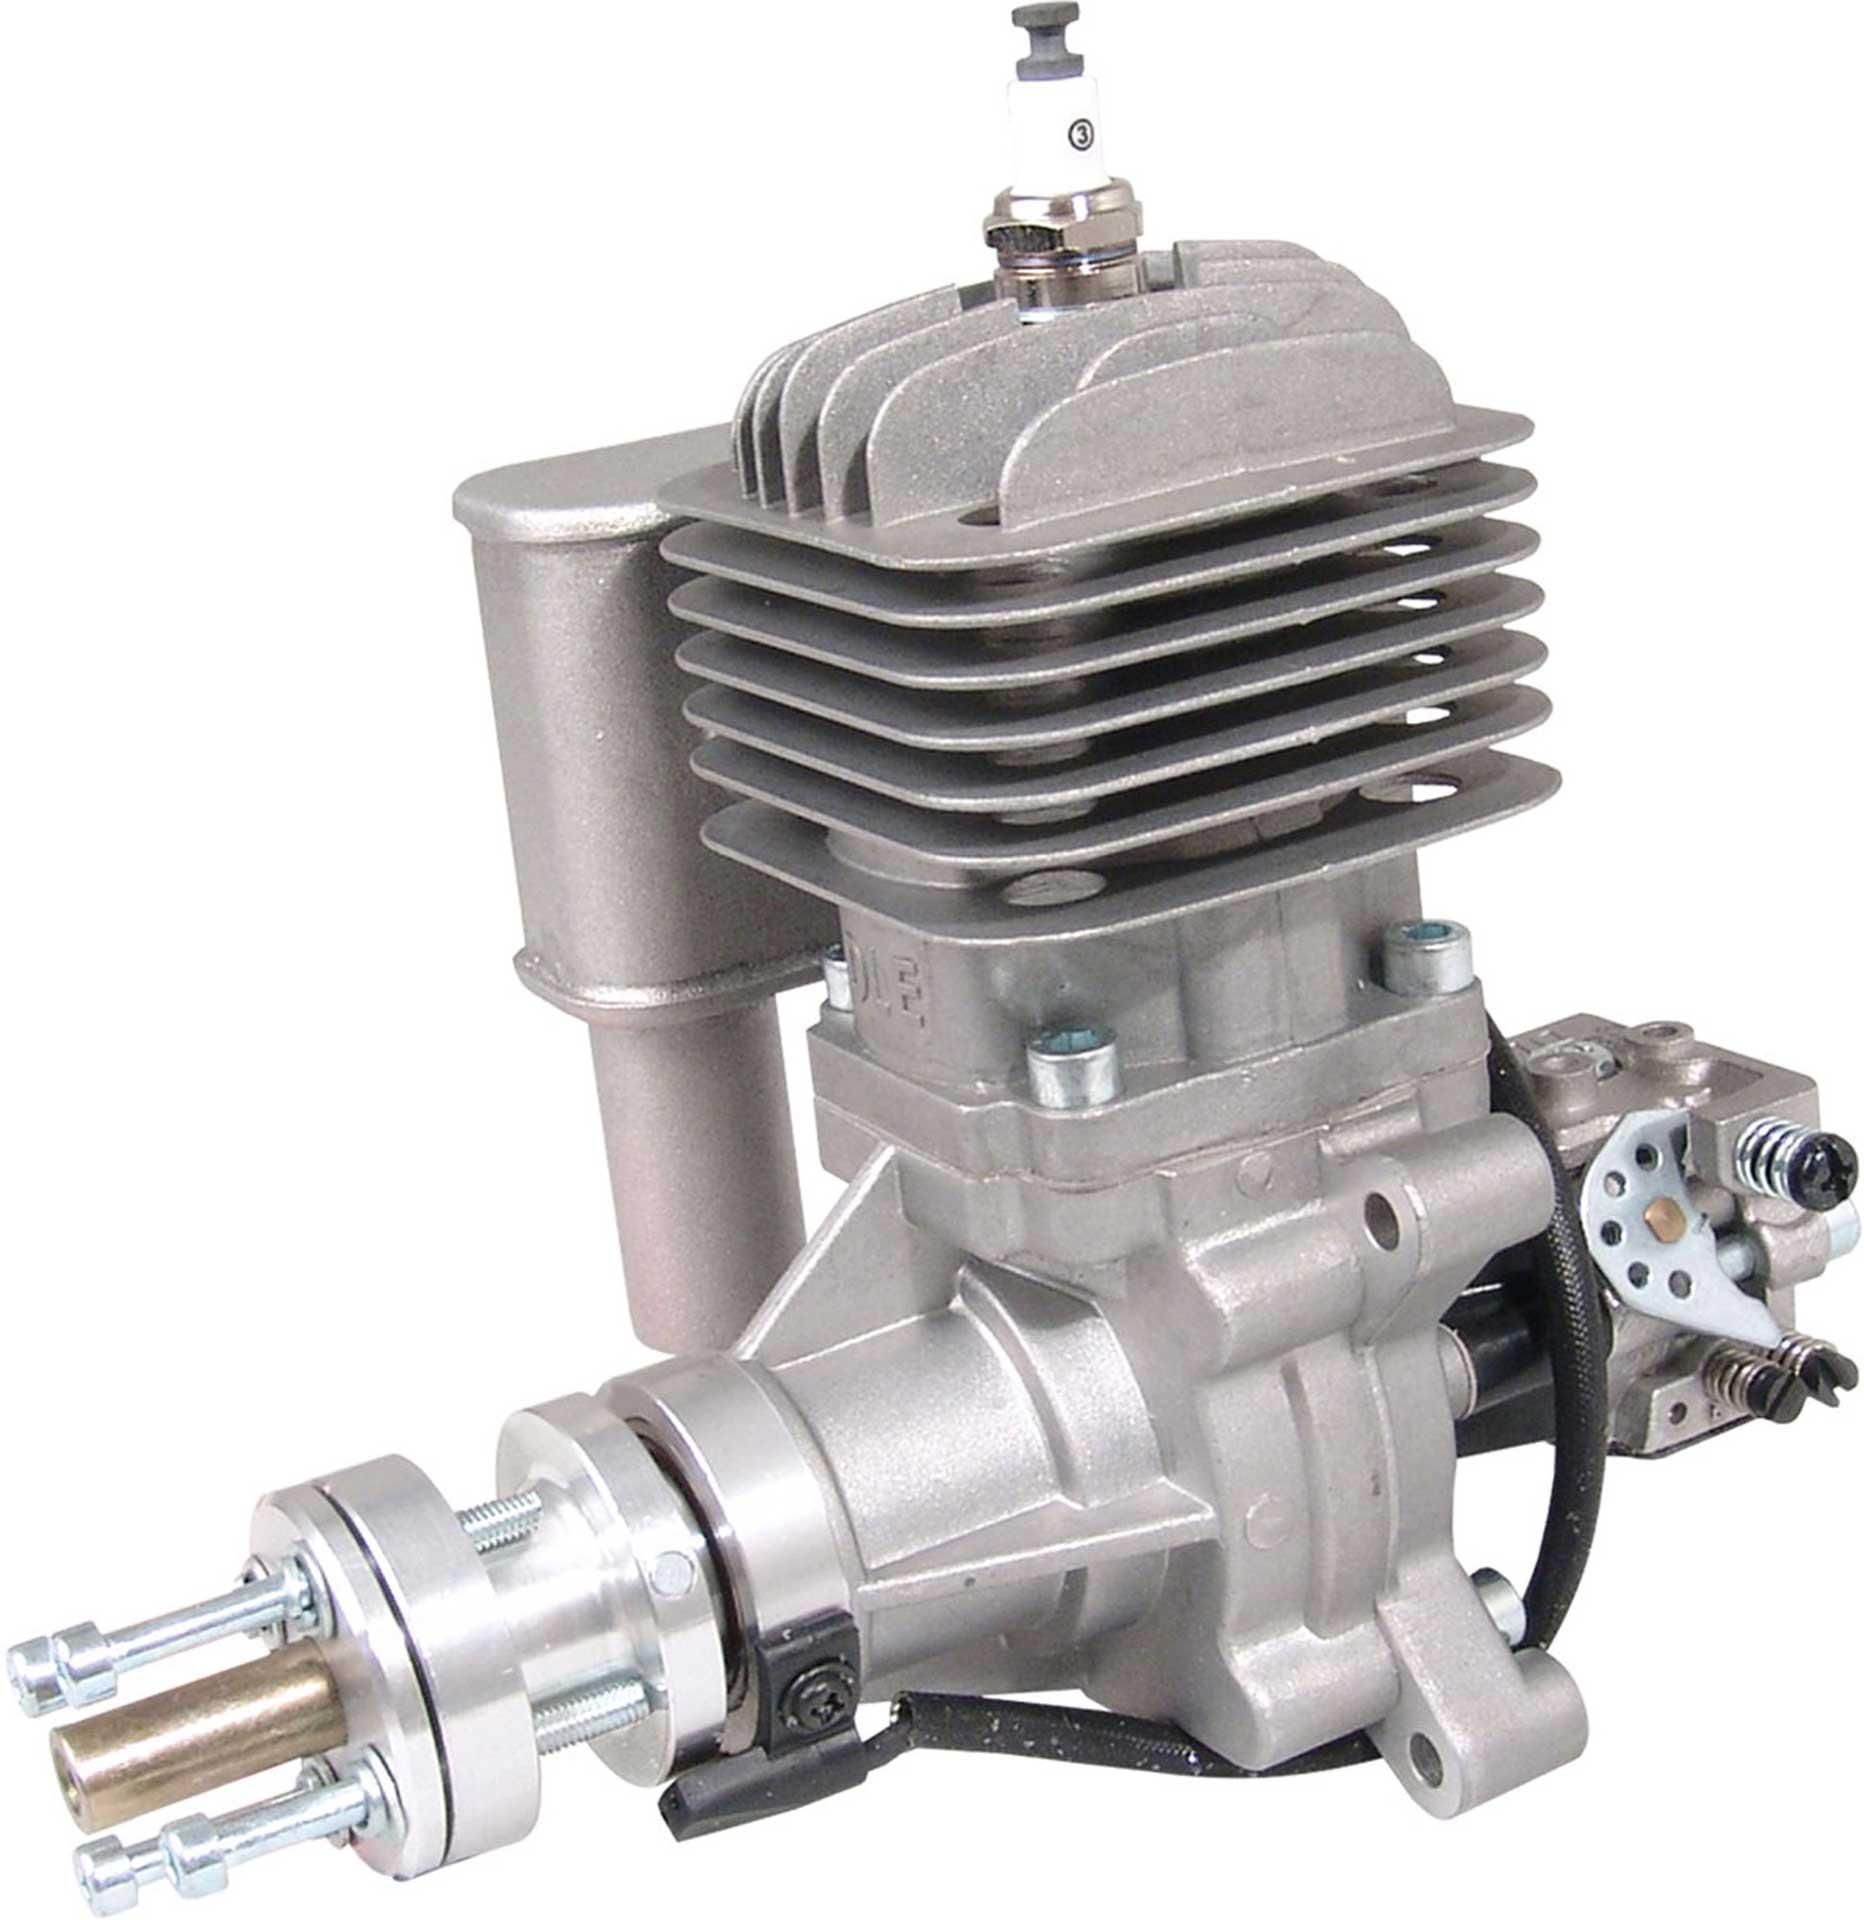 DLE Engines DL (DLE) 30 MOTEUR À ESSENCE SORTIE LATÉRAL AVEC ALLUMAGE ÉLECTRONIQUE